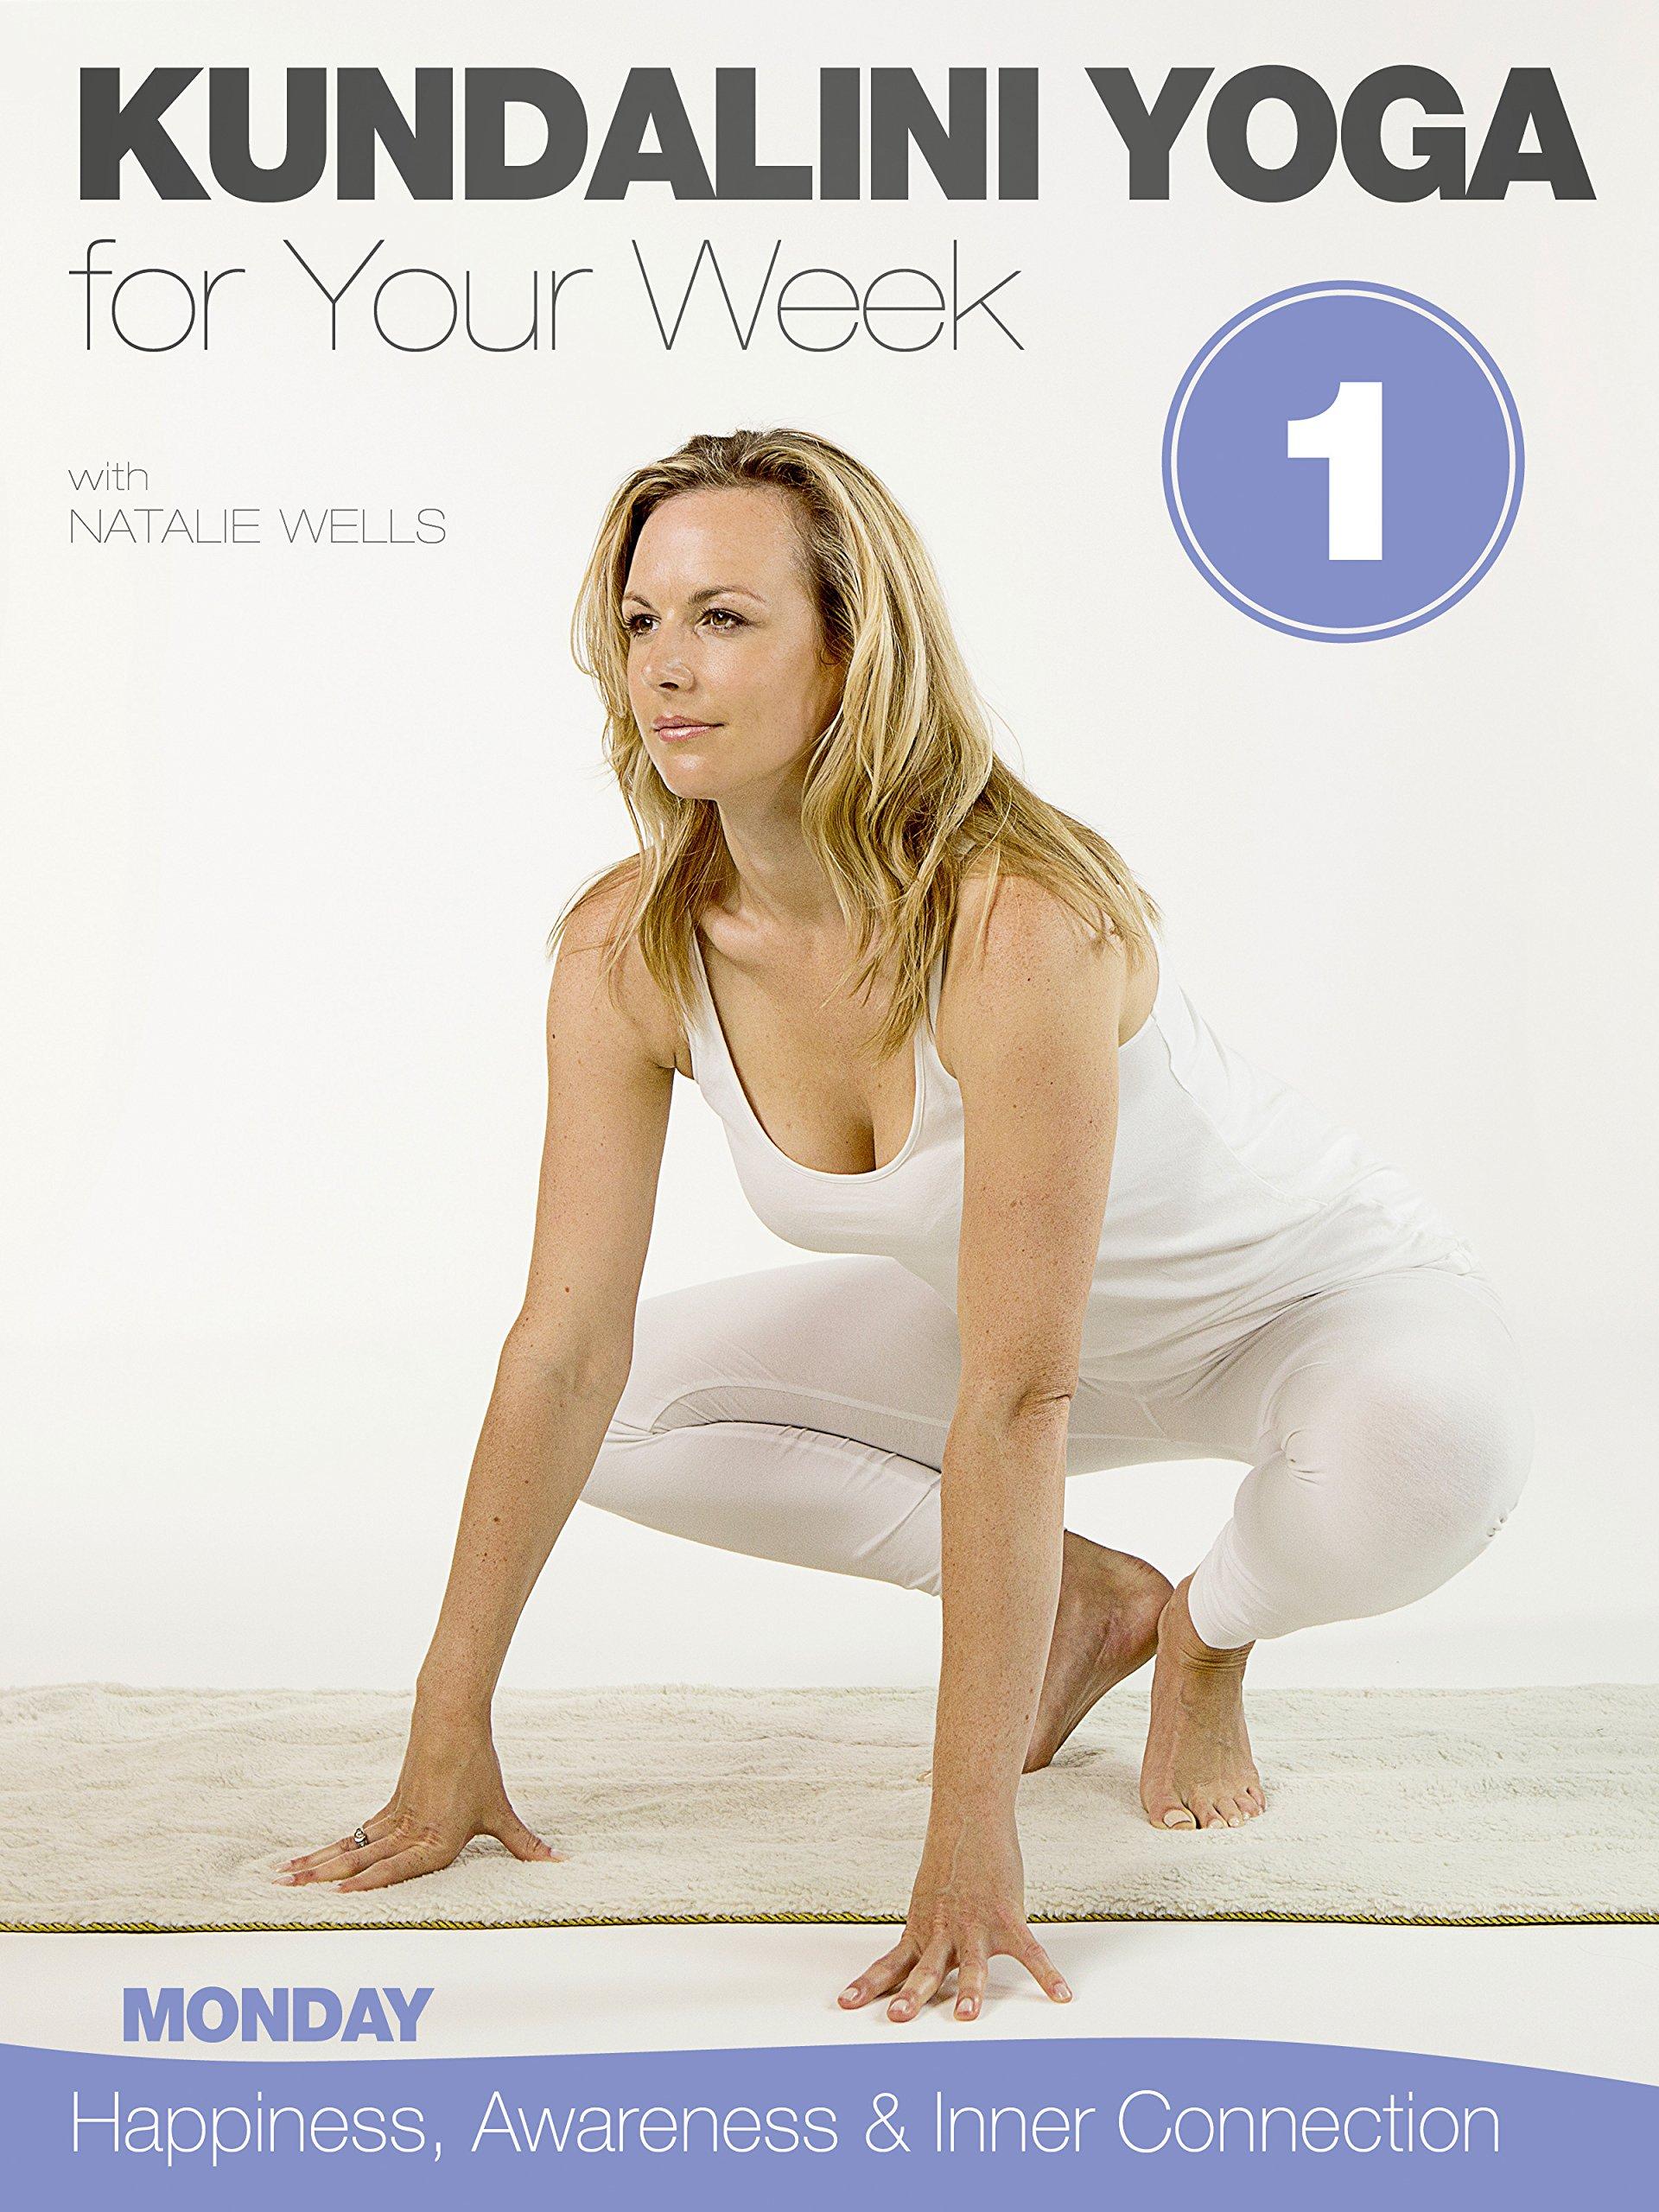 Amazon.com: Kundalini Yoga for Your Week - Monday: Natalie ...